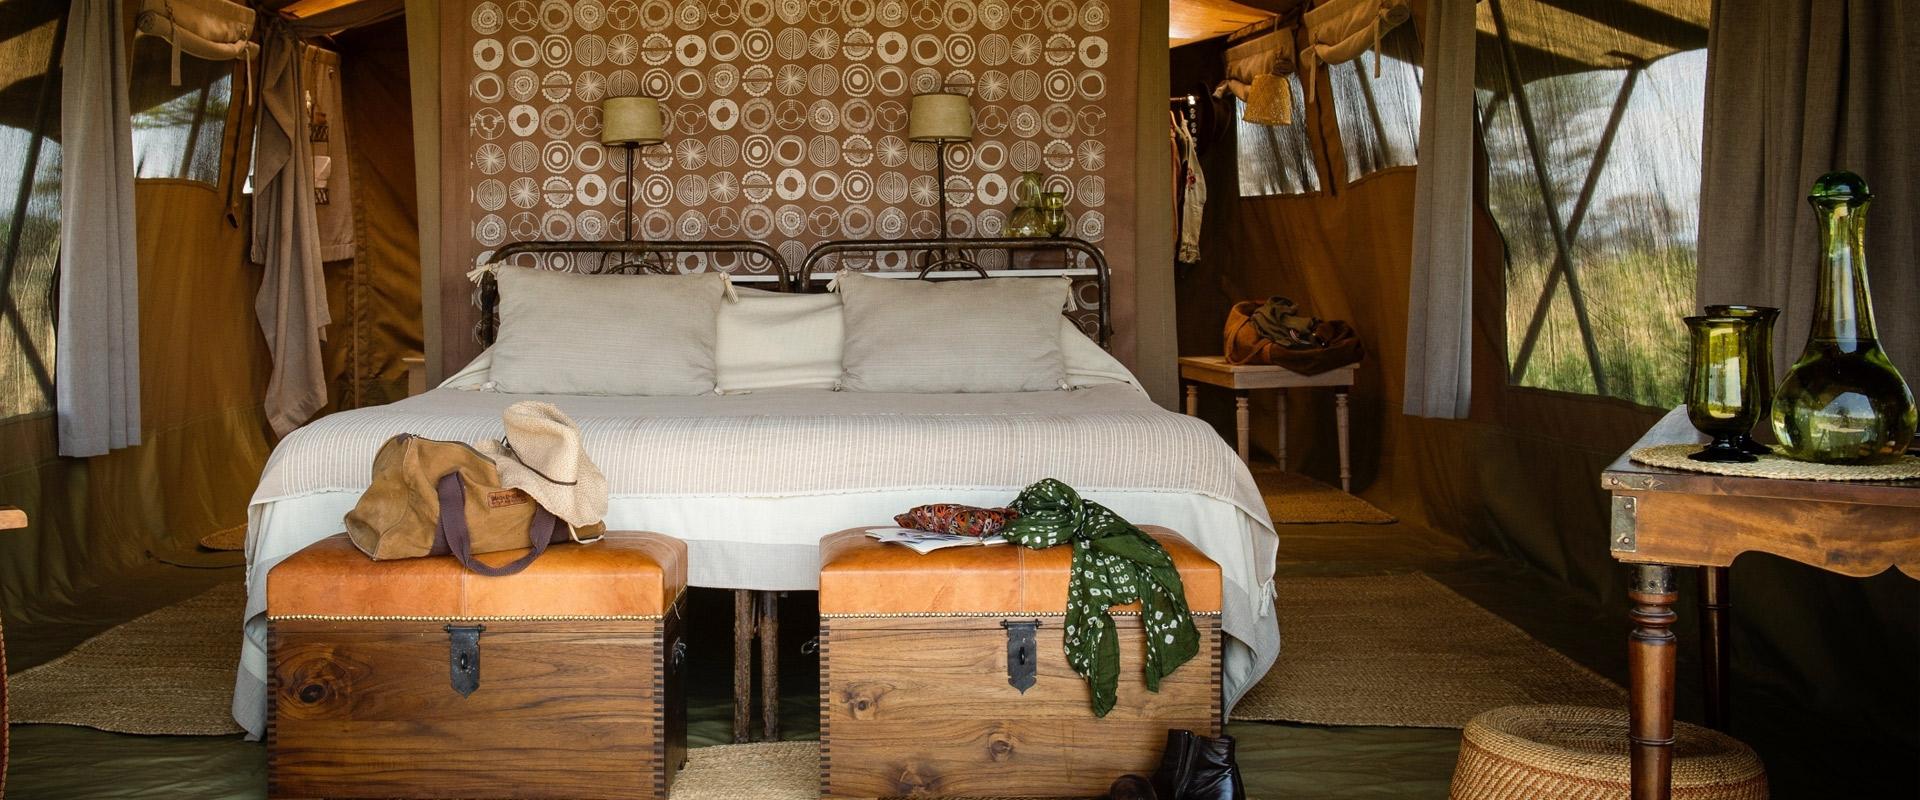 9 days tanzania luxury northern safari